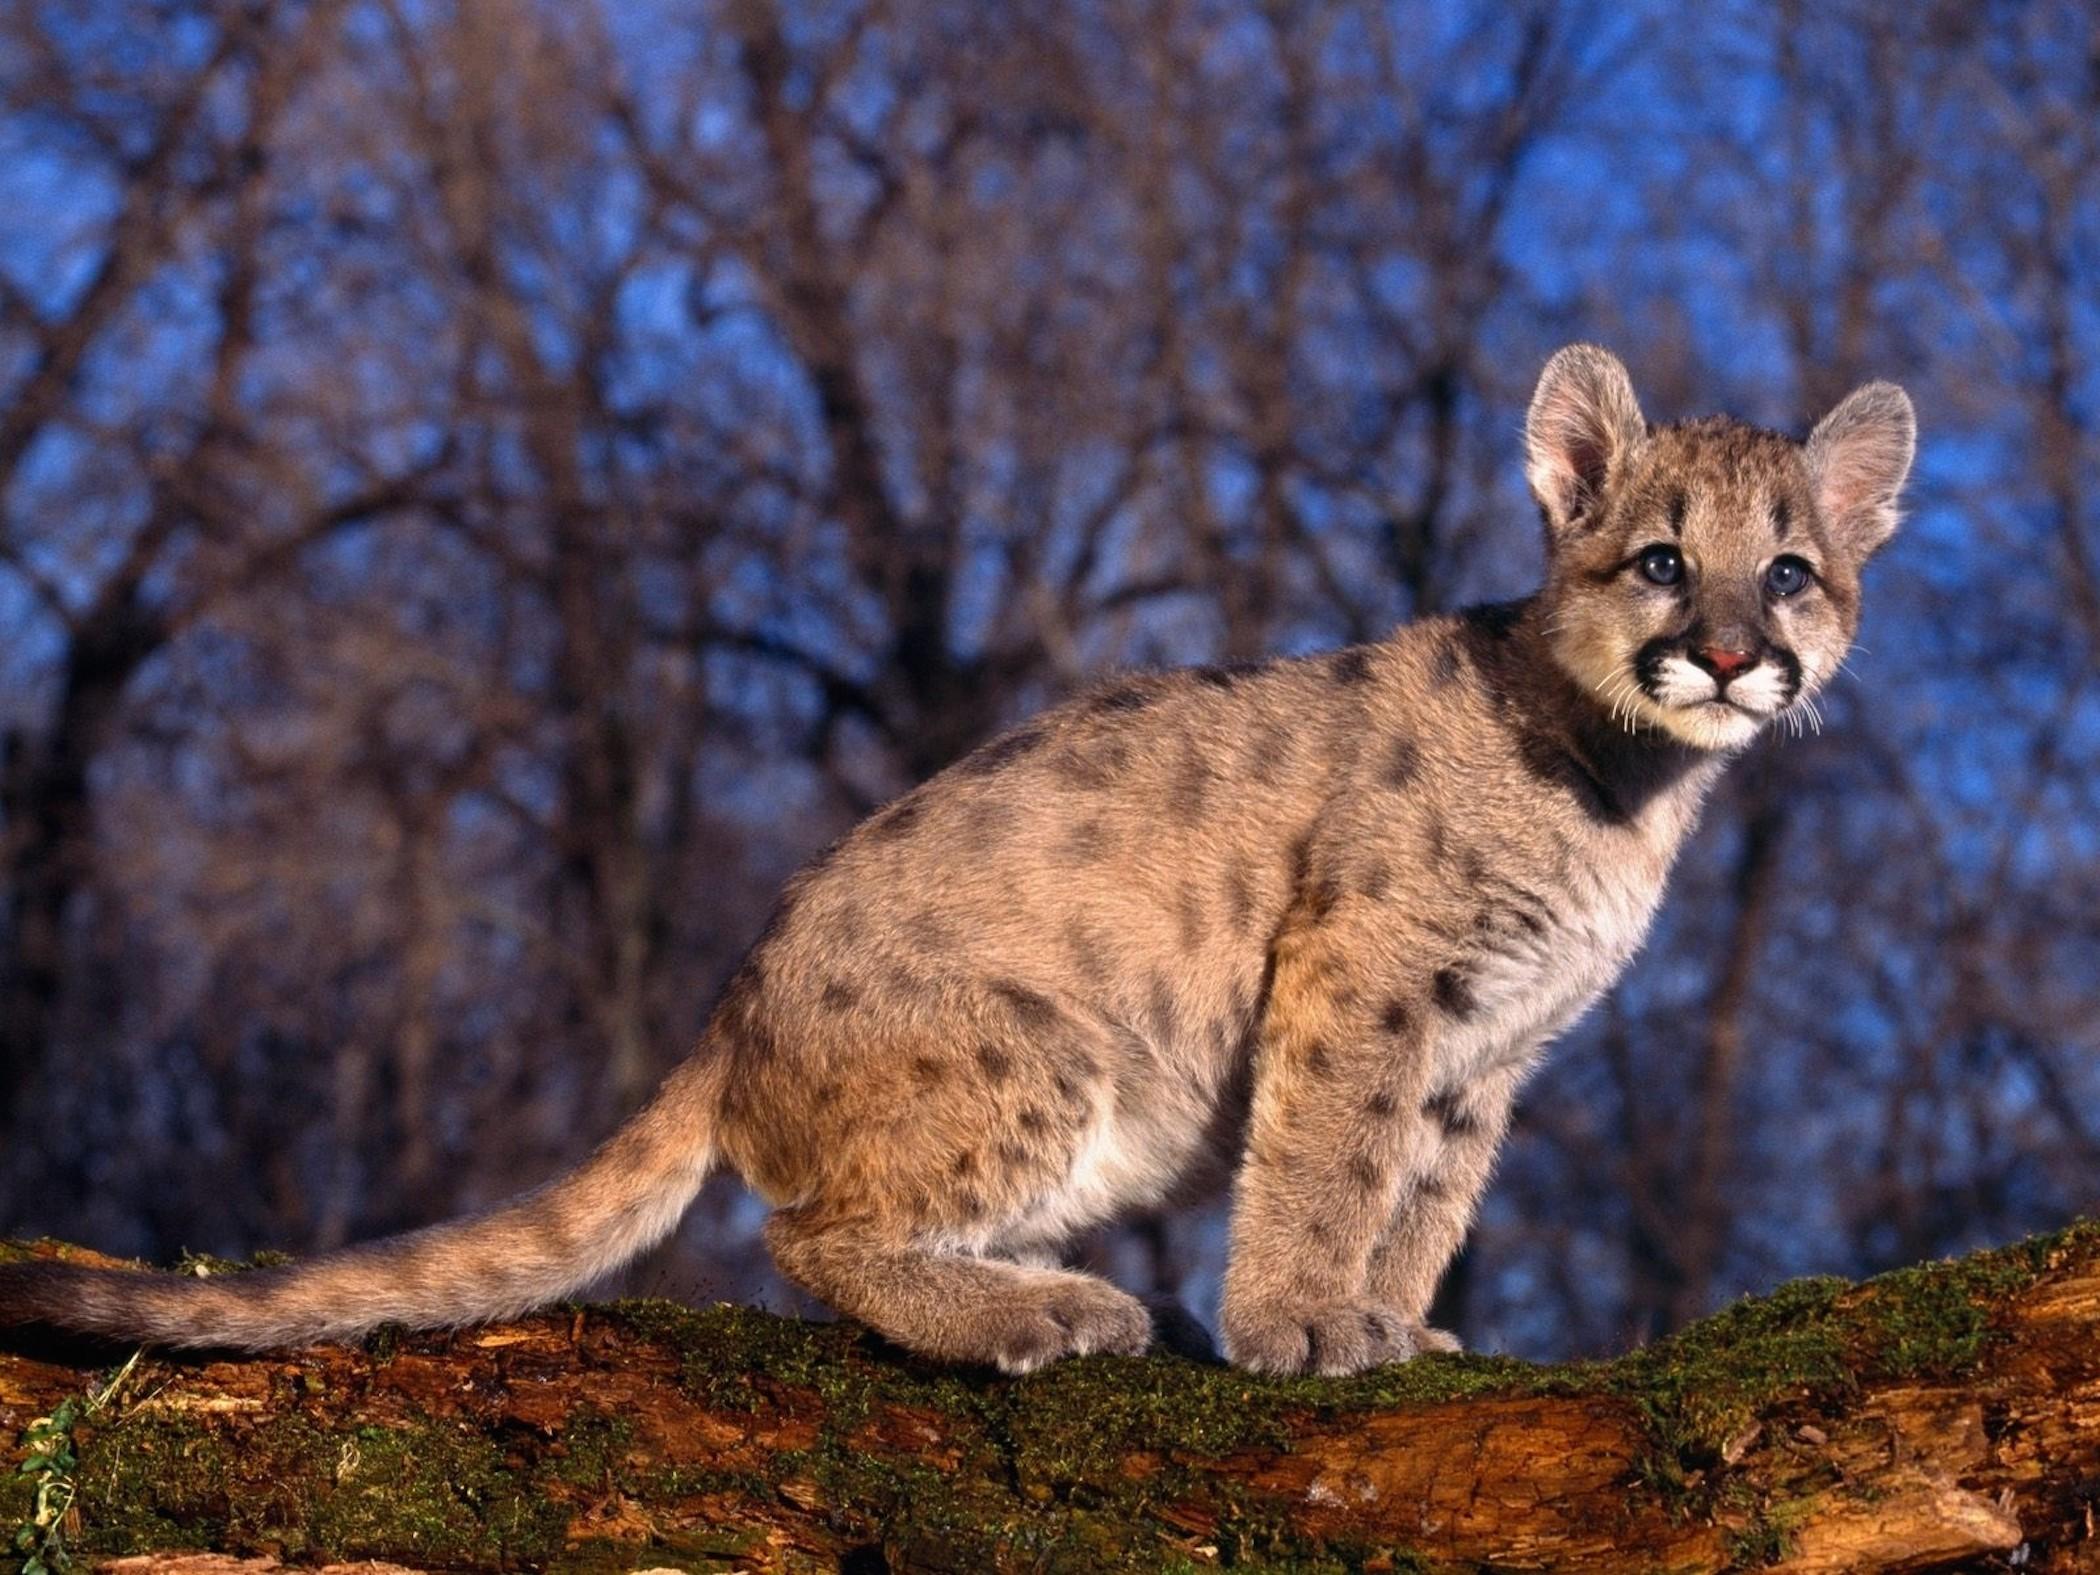 adorable cougar